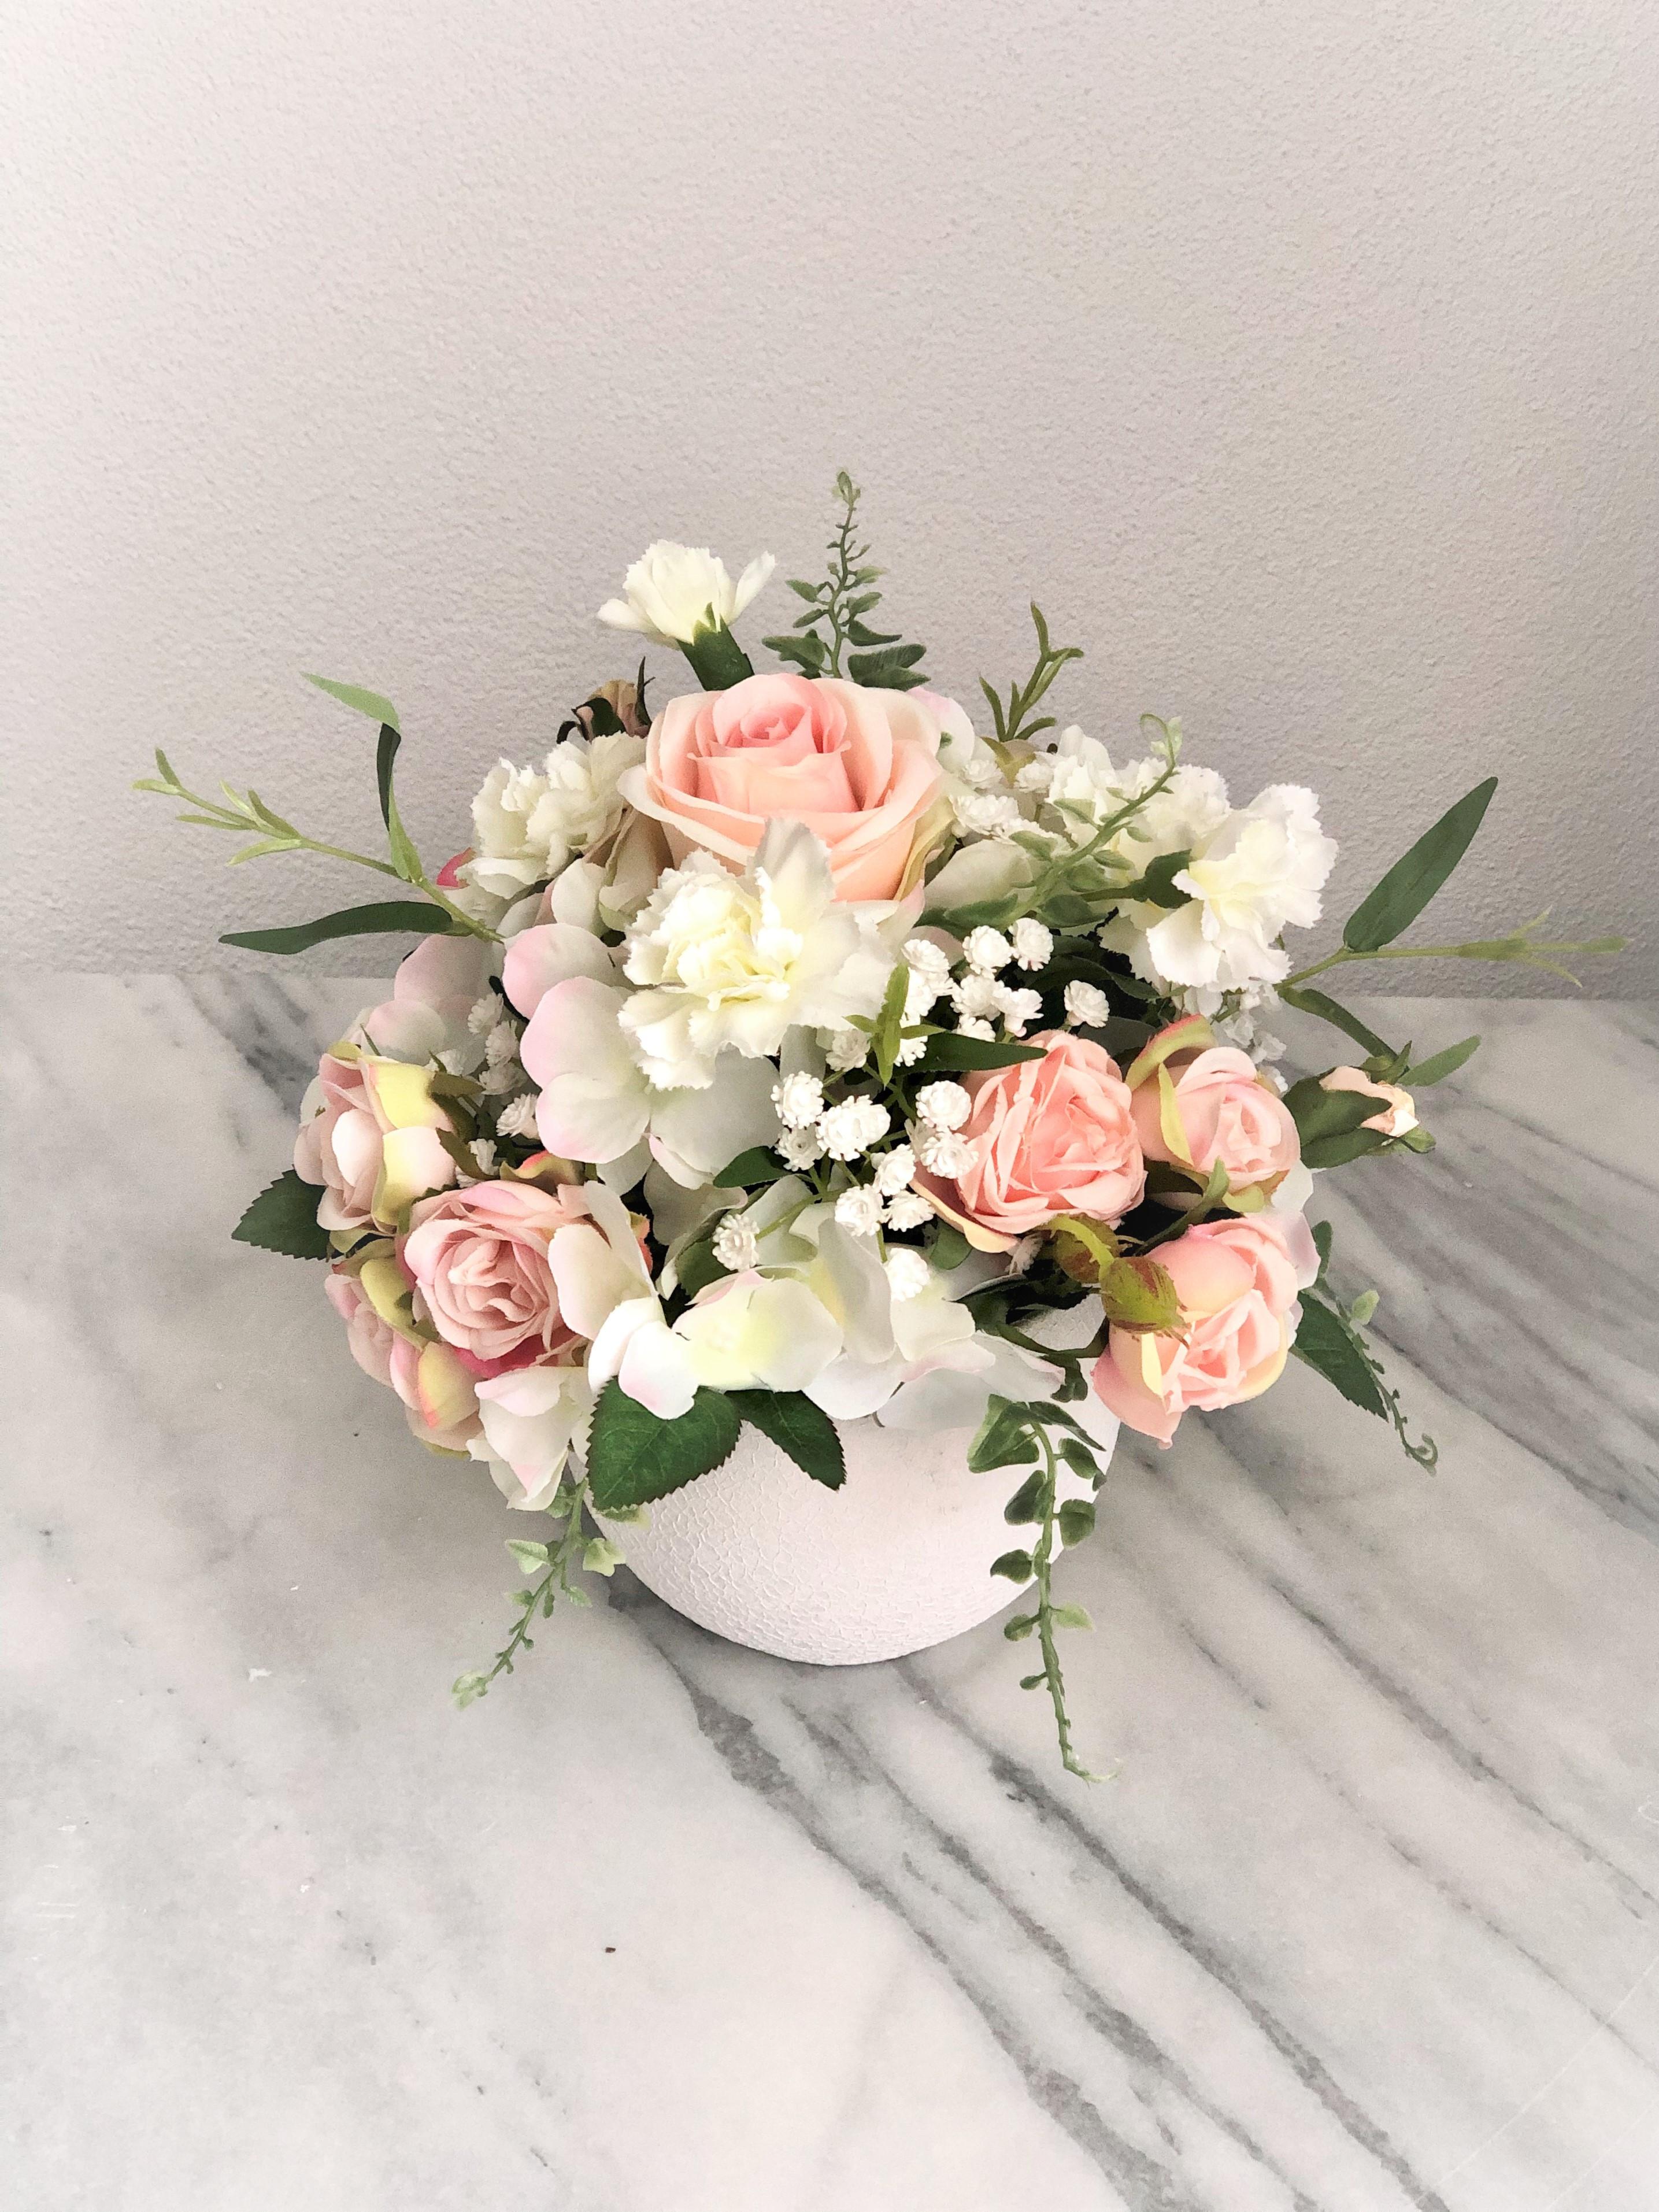 Arrangement in einer Vase auf dem Tisch